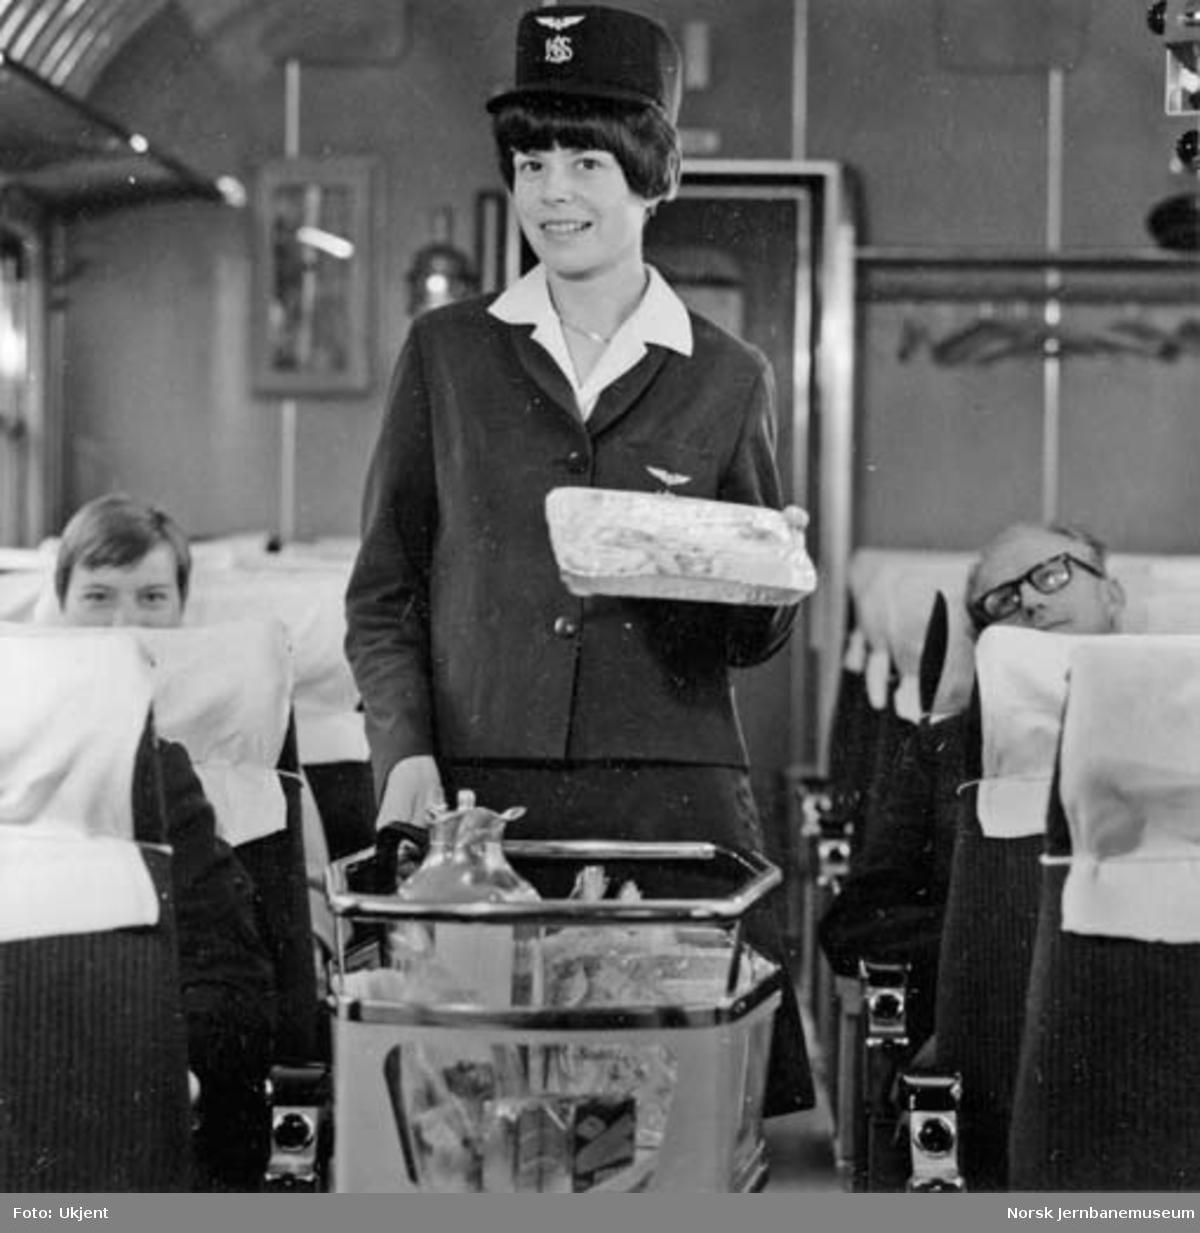 Servering av kaffe fra trillevogn i toget